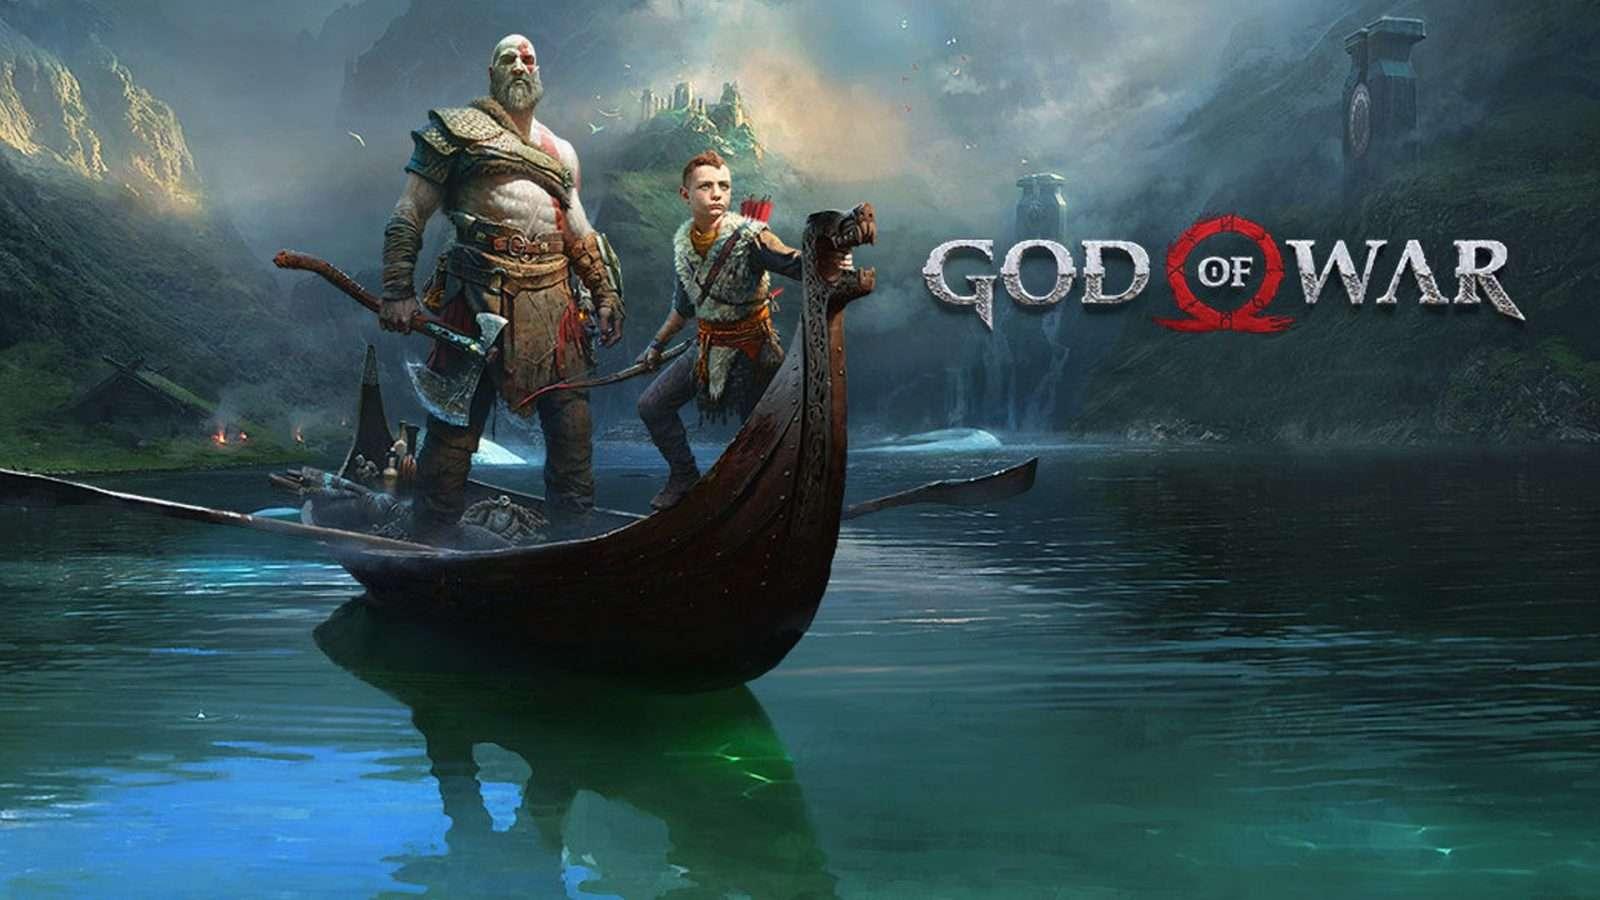 ac0db55377f43933972de43f2133f44c - عرض لأداء لعبة God Of War 2018 على جهاز PlayStation 5 بعد التحديث الأخير